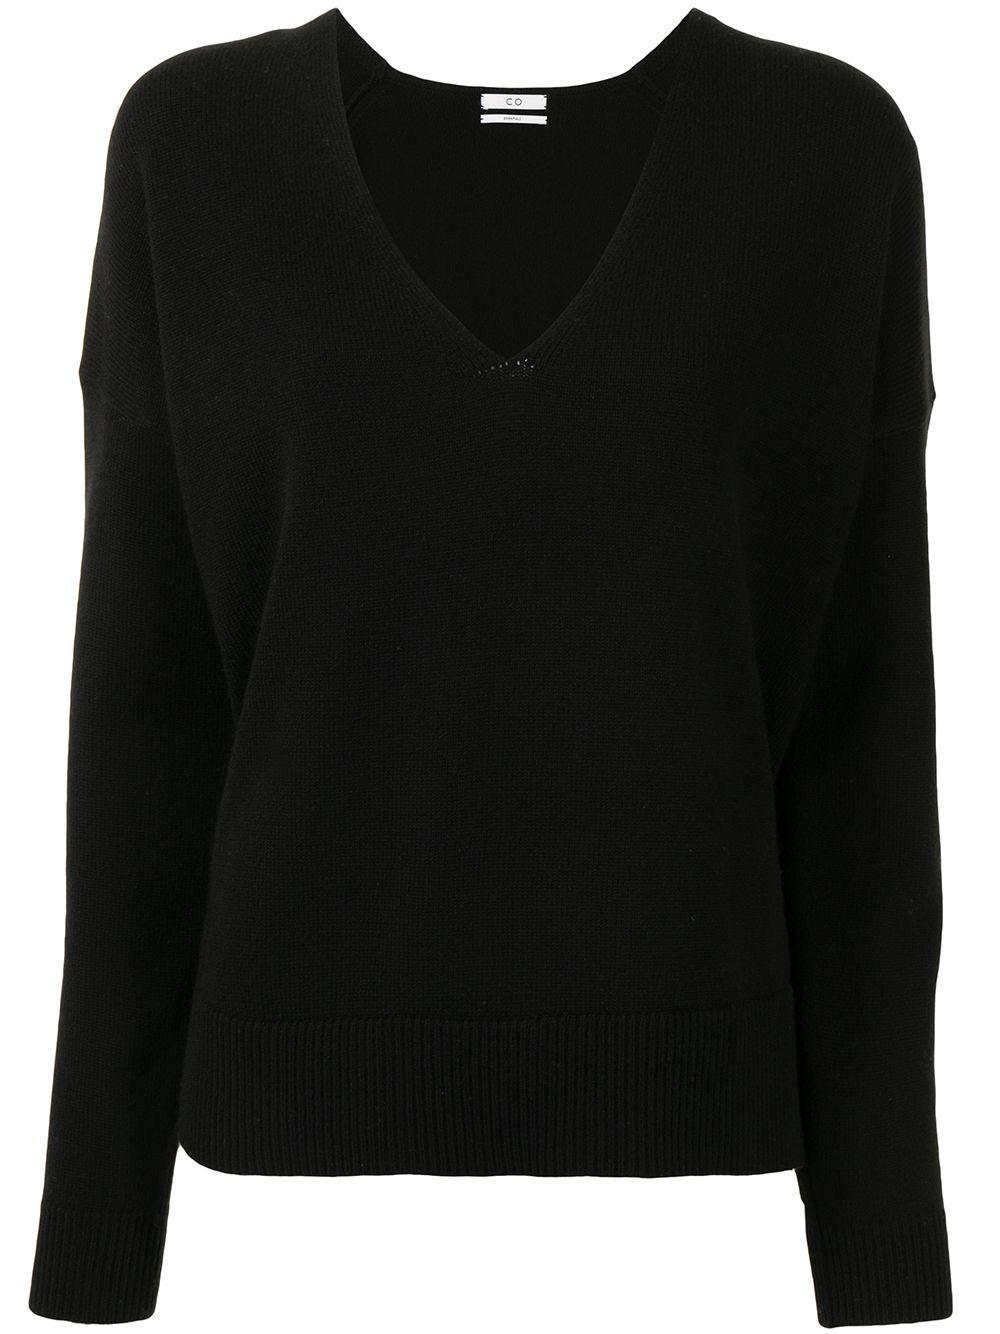 V- Neck Side Vent Sweater Item # 8353WCM-ESSN